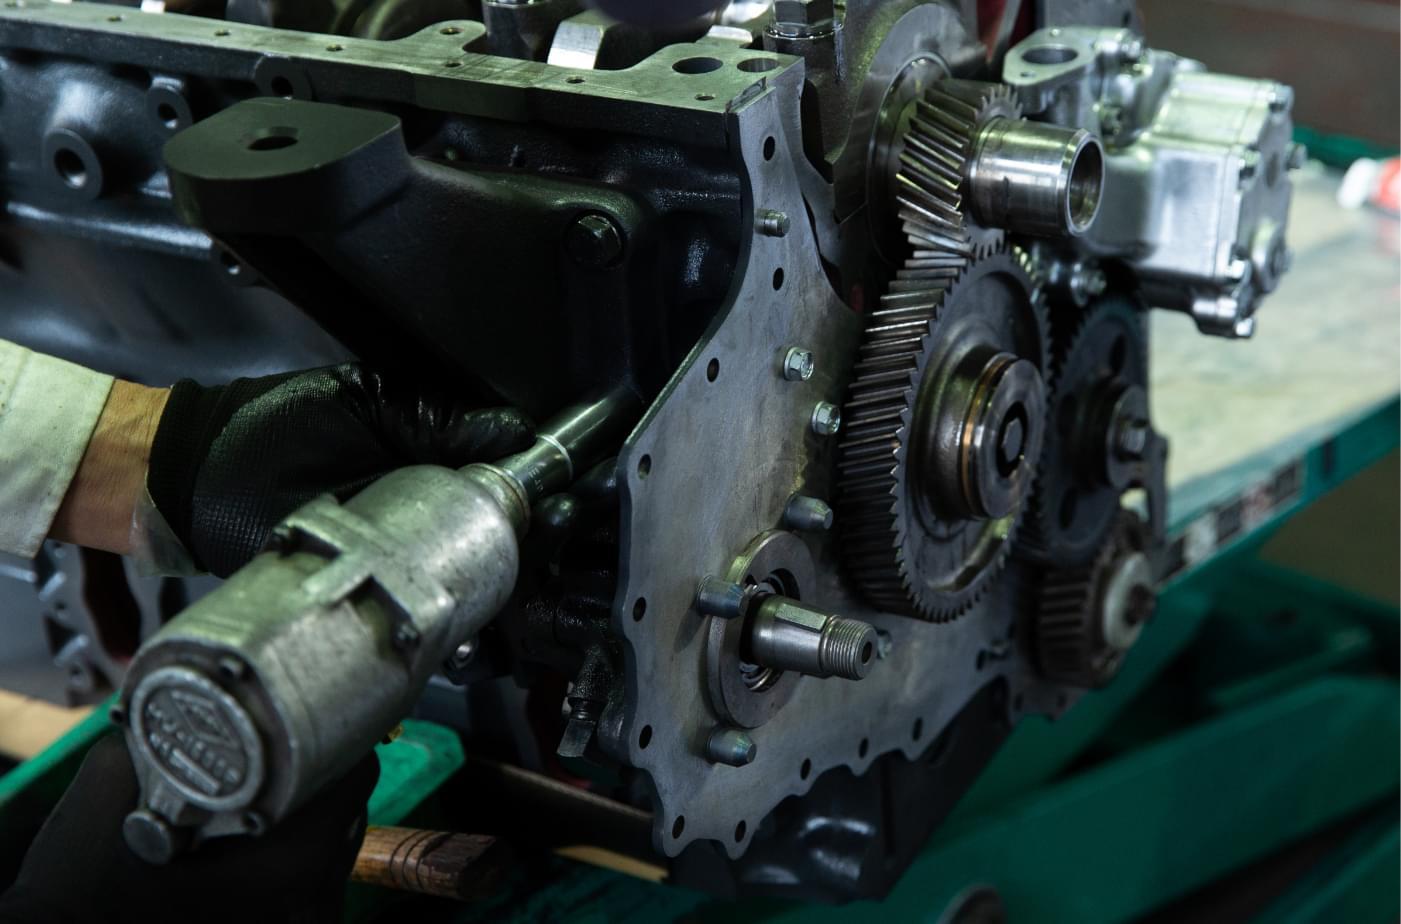 創業70年以上、積み重ねてきた実績と信頼。エンジンを知り尽くした私達だから提供できる価値があります。